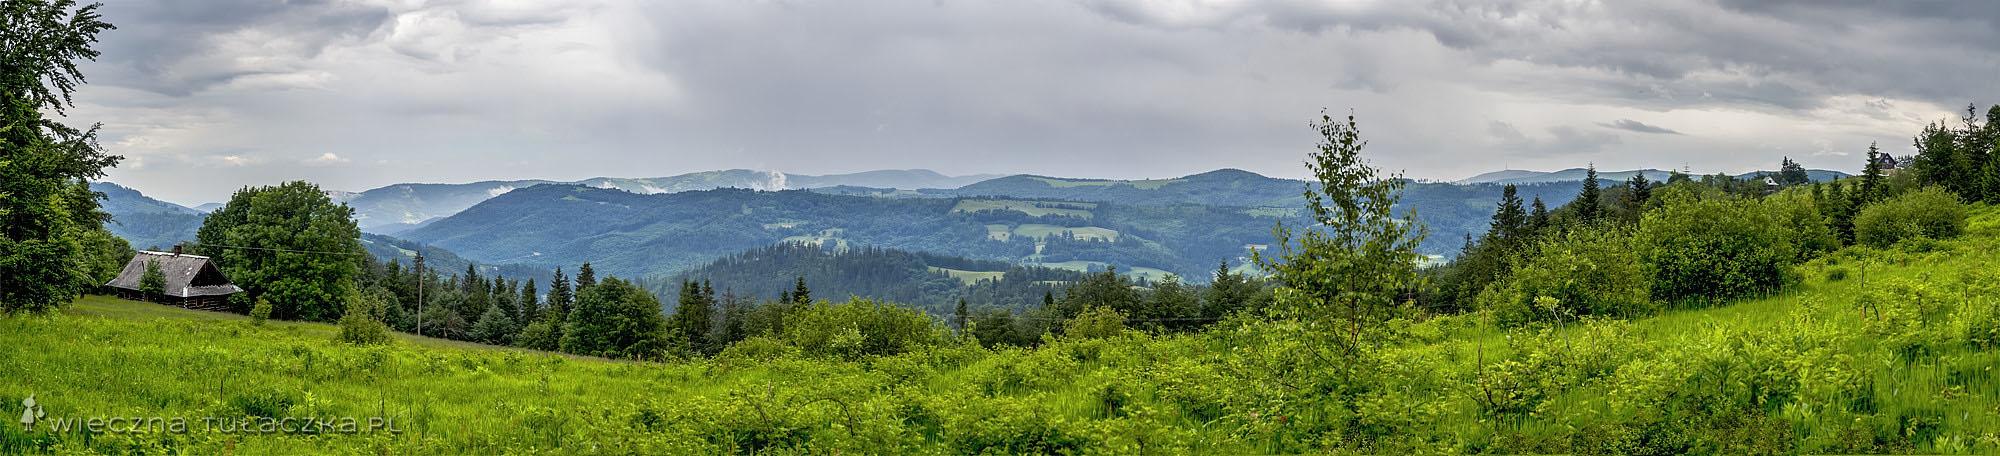 Trzy Kopce Wiślańskie, Beskid Śląski